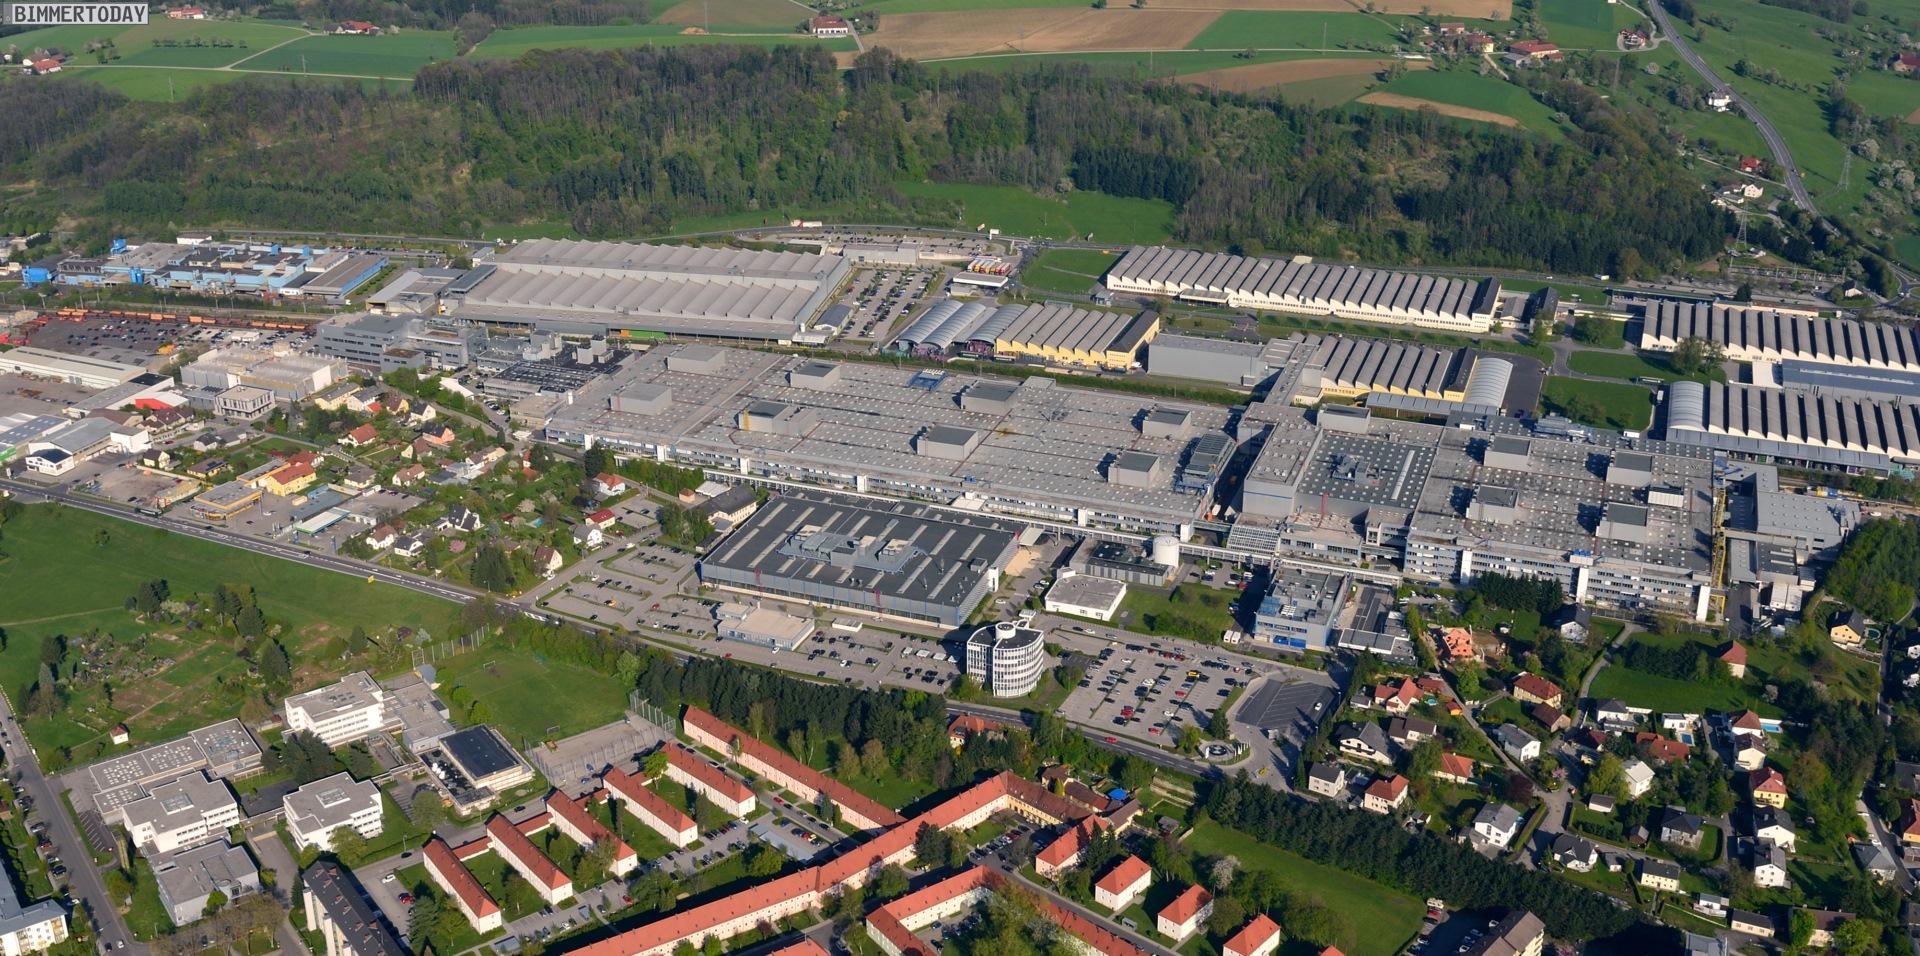 Bmw Motoren Werk Steyr